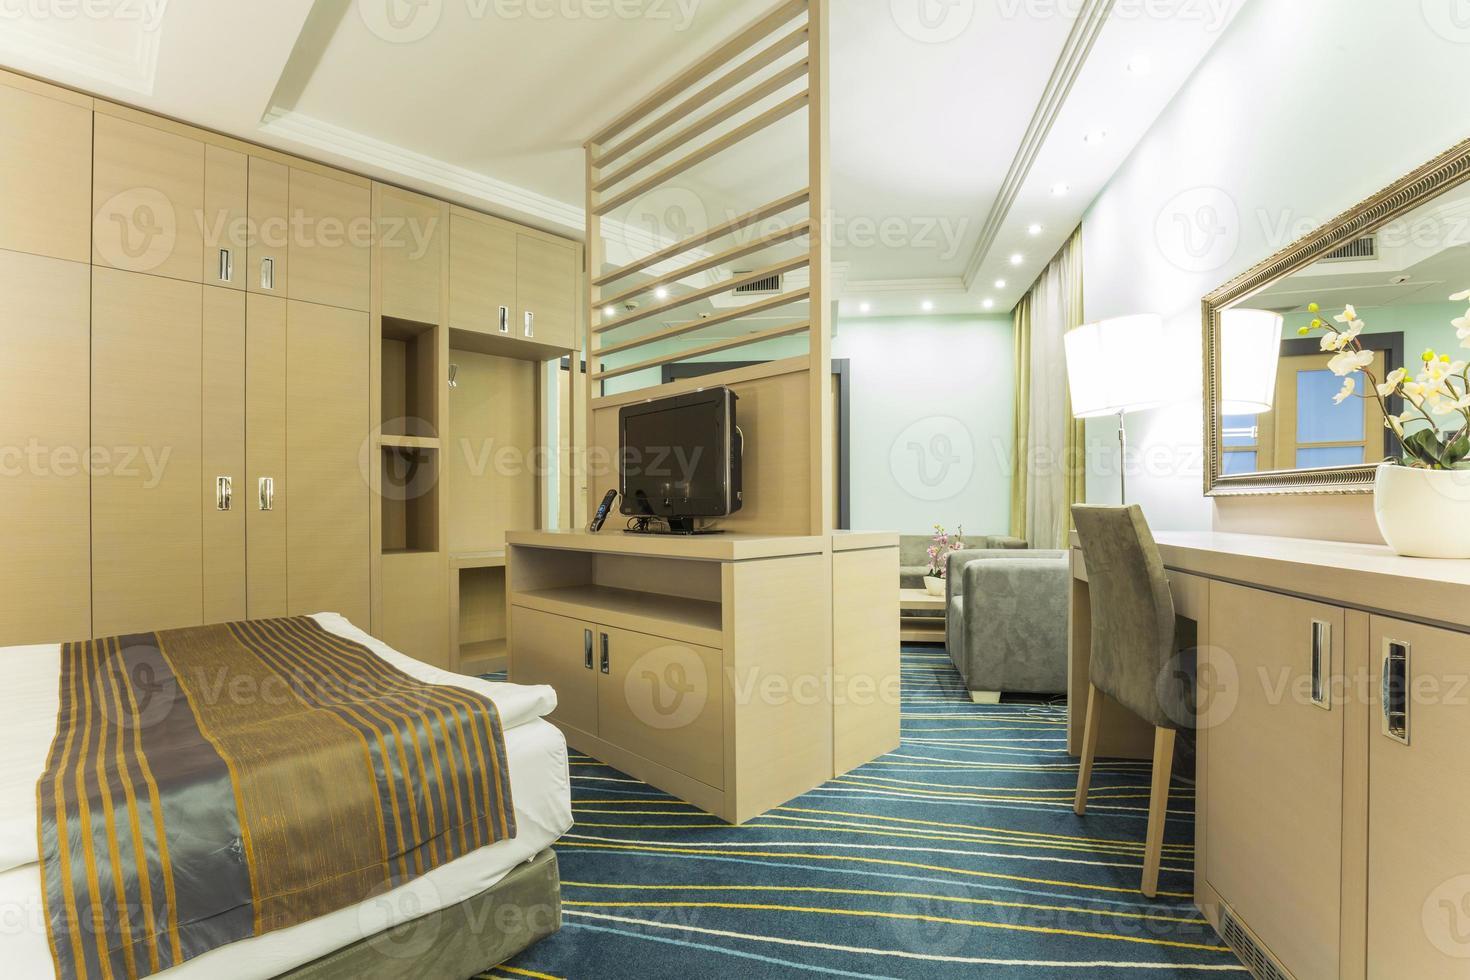 Elegant hotel room interior photo